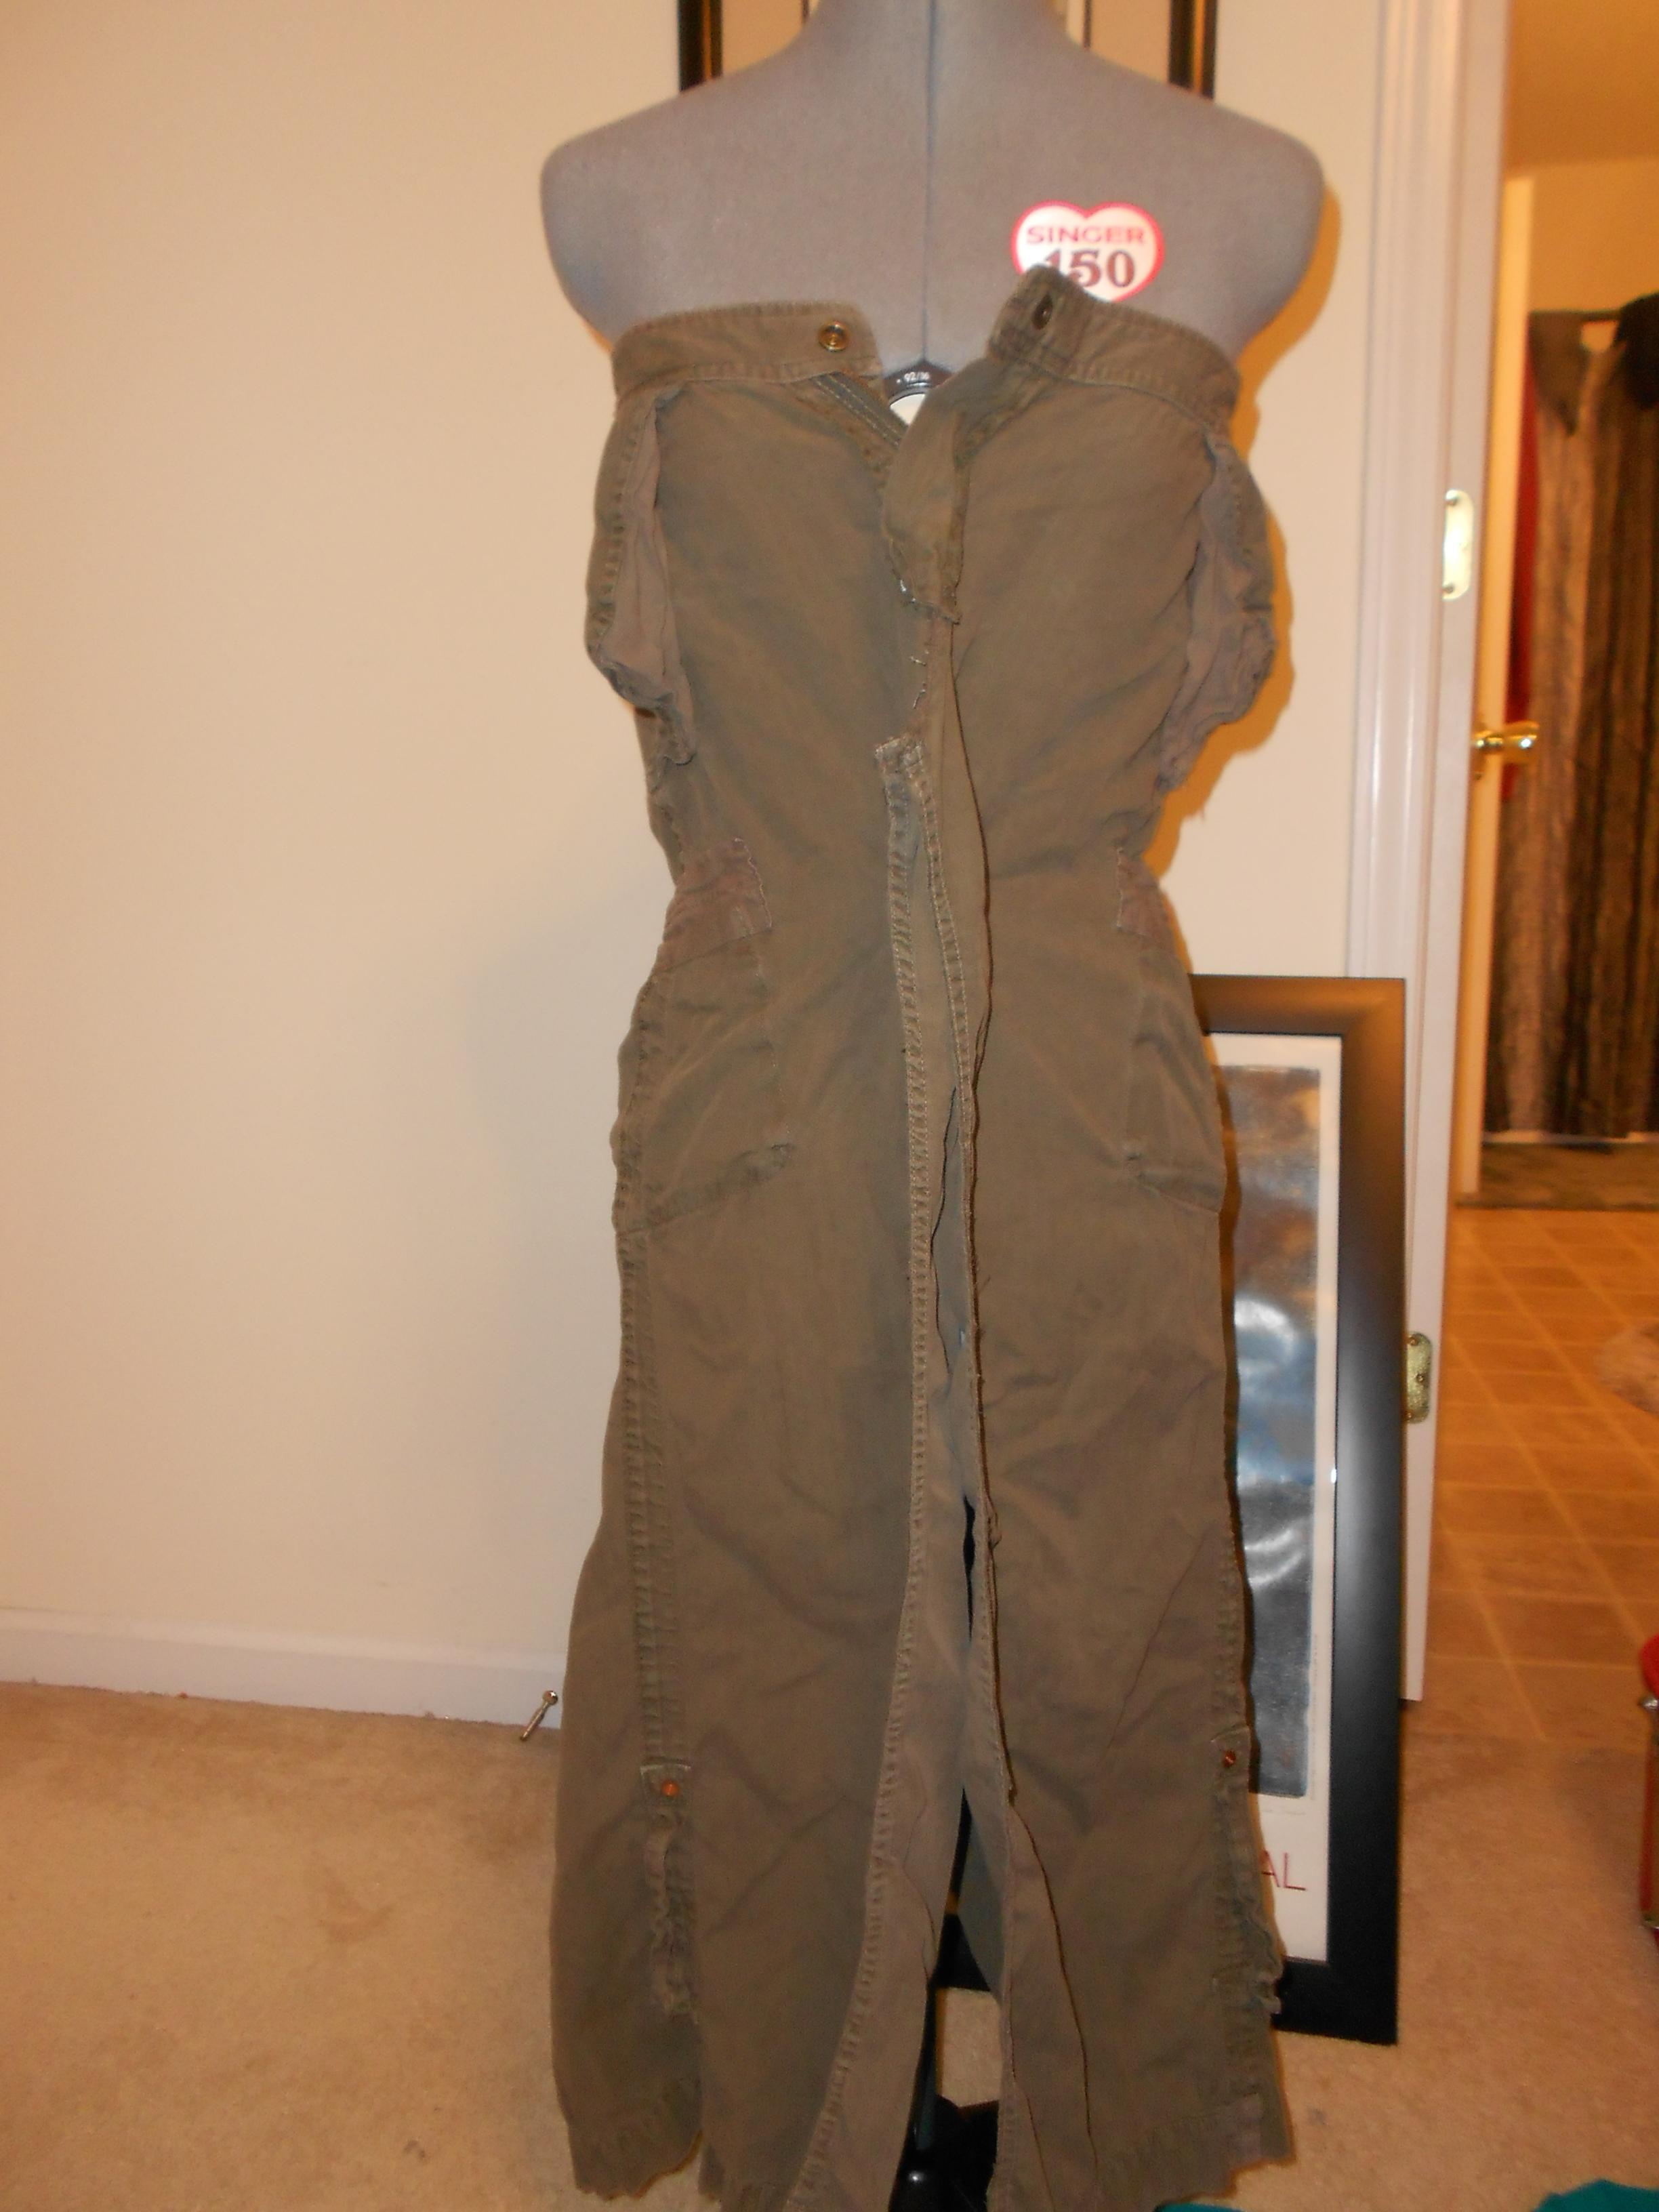 Day 313: A Pants-to-Dress Refashion 6